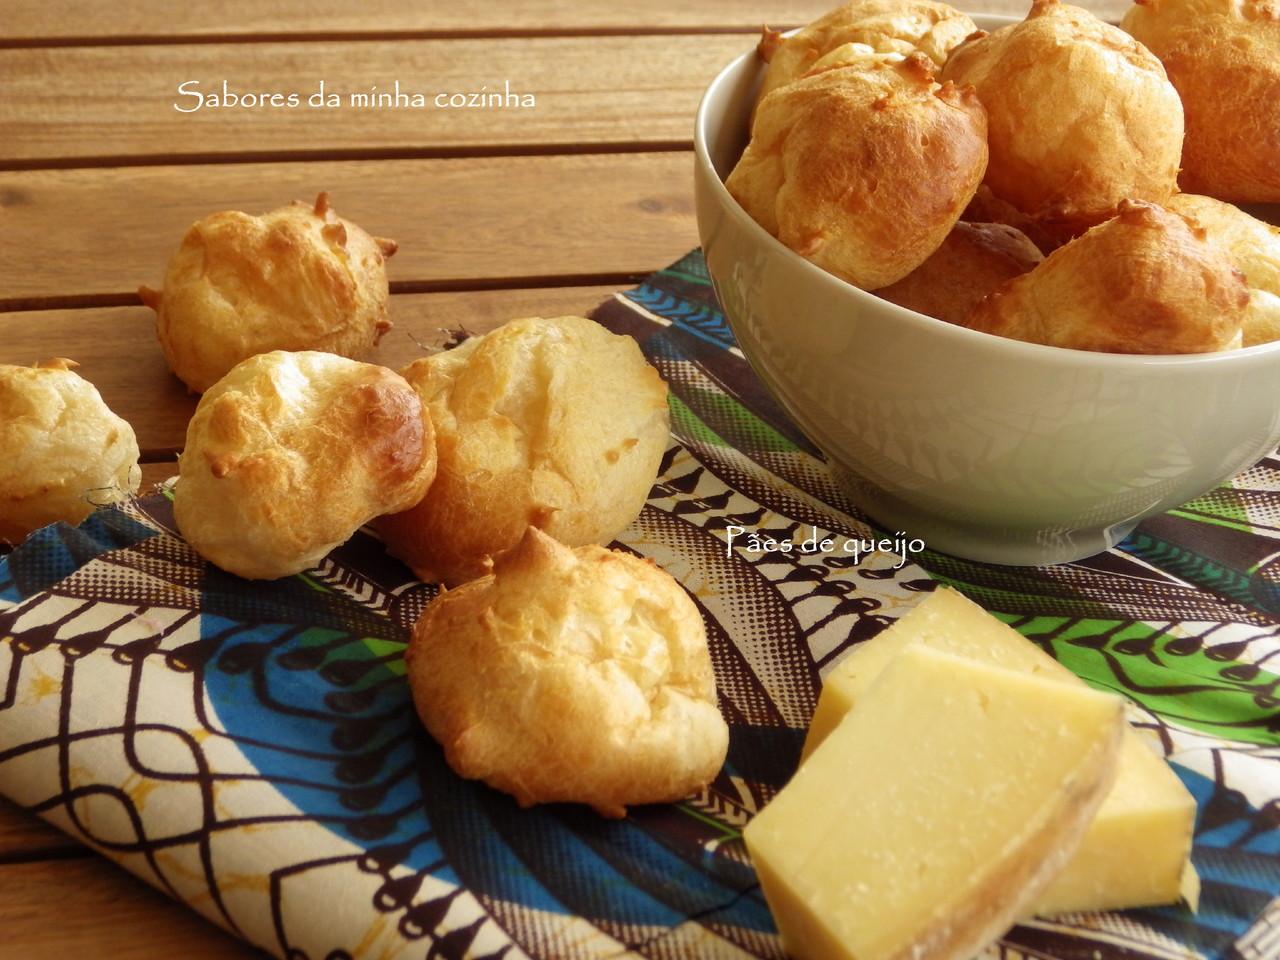 IMGP5311-Pãezinhos de queijo-Blog.JPG